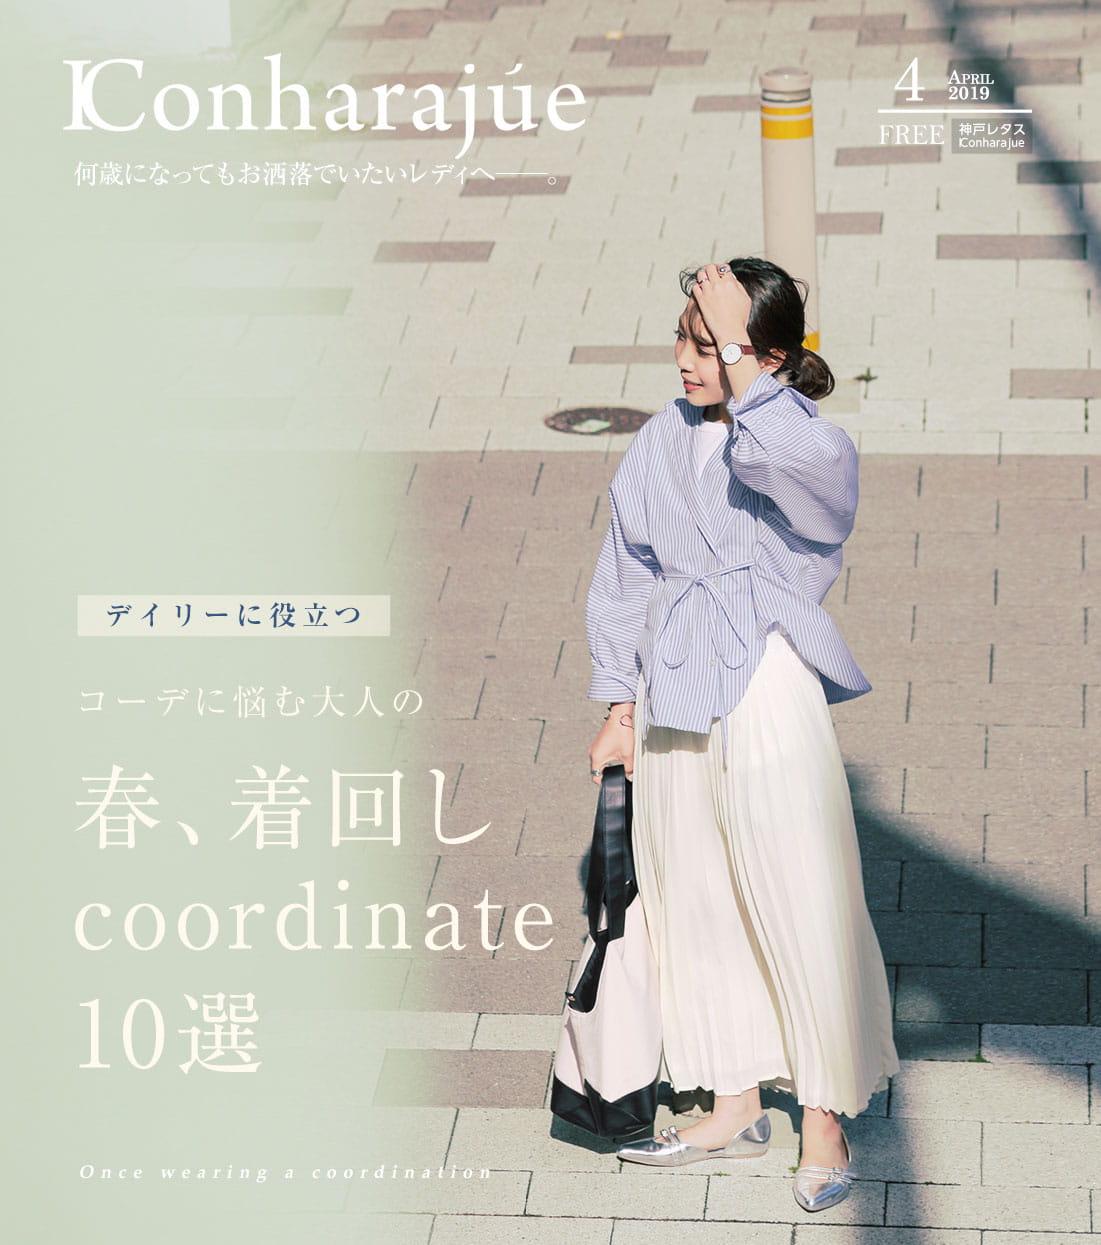 28537be890c8a IConharajue - レディースファッション通販 神戸レタス 公式サイト